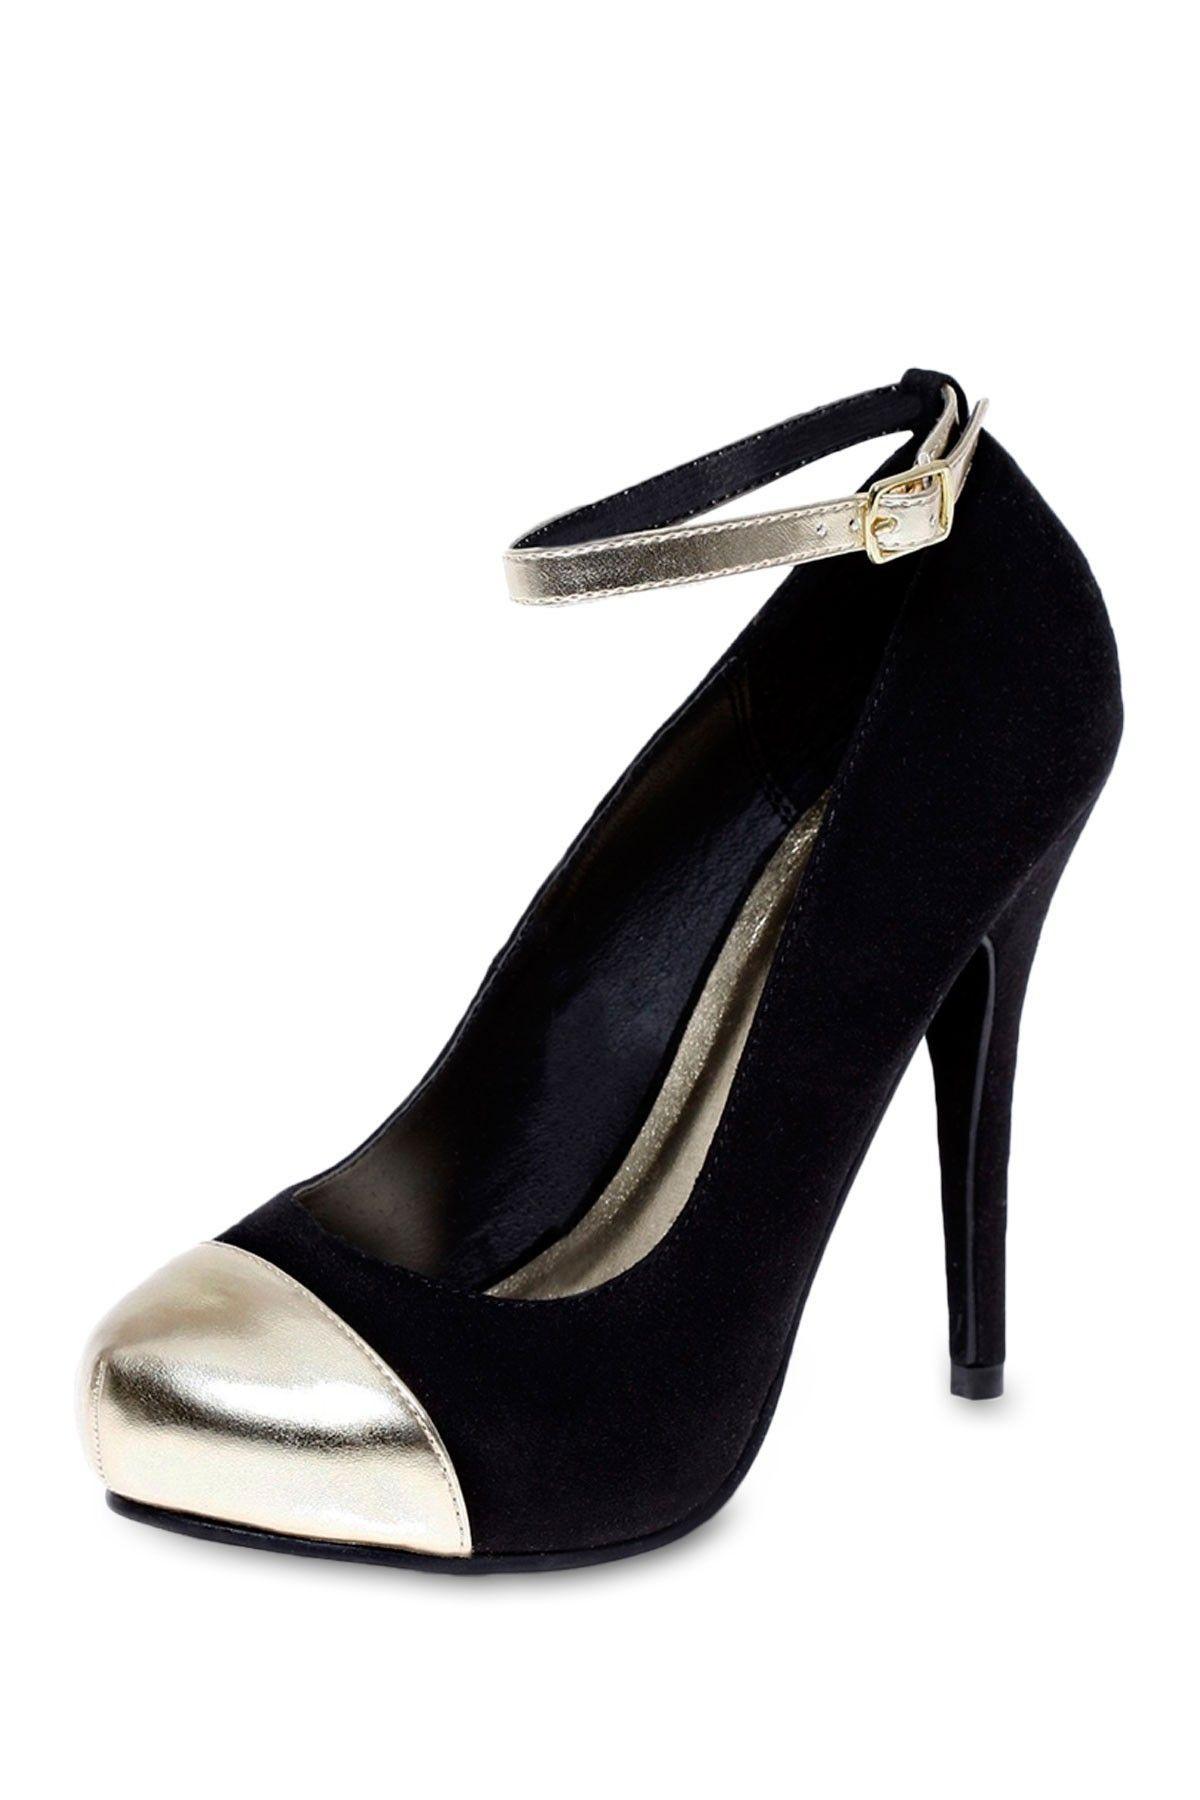 Michael Antonio Rivers Pump Chaussure, Boutique De Chaussures, Style  Désinvolte Chic, Magie Noire 0c27c1bc58ca